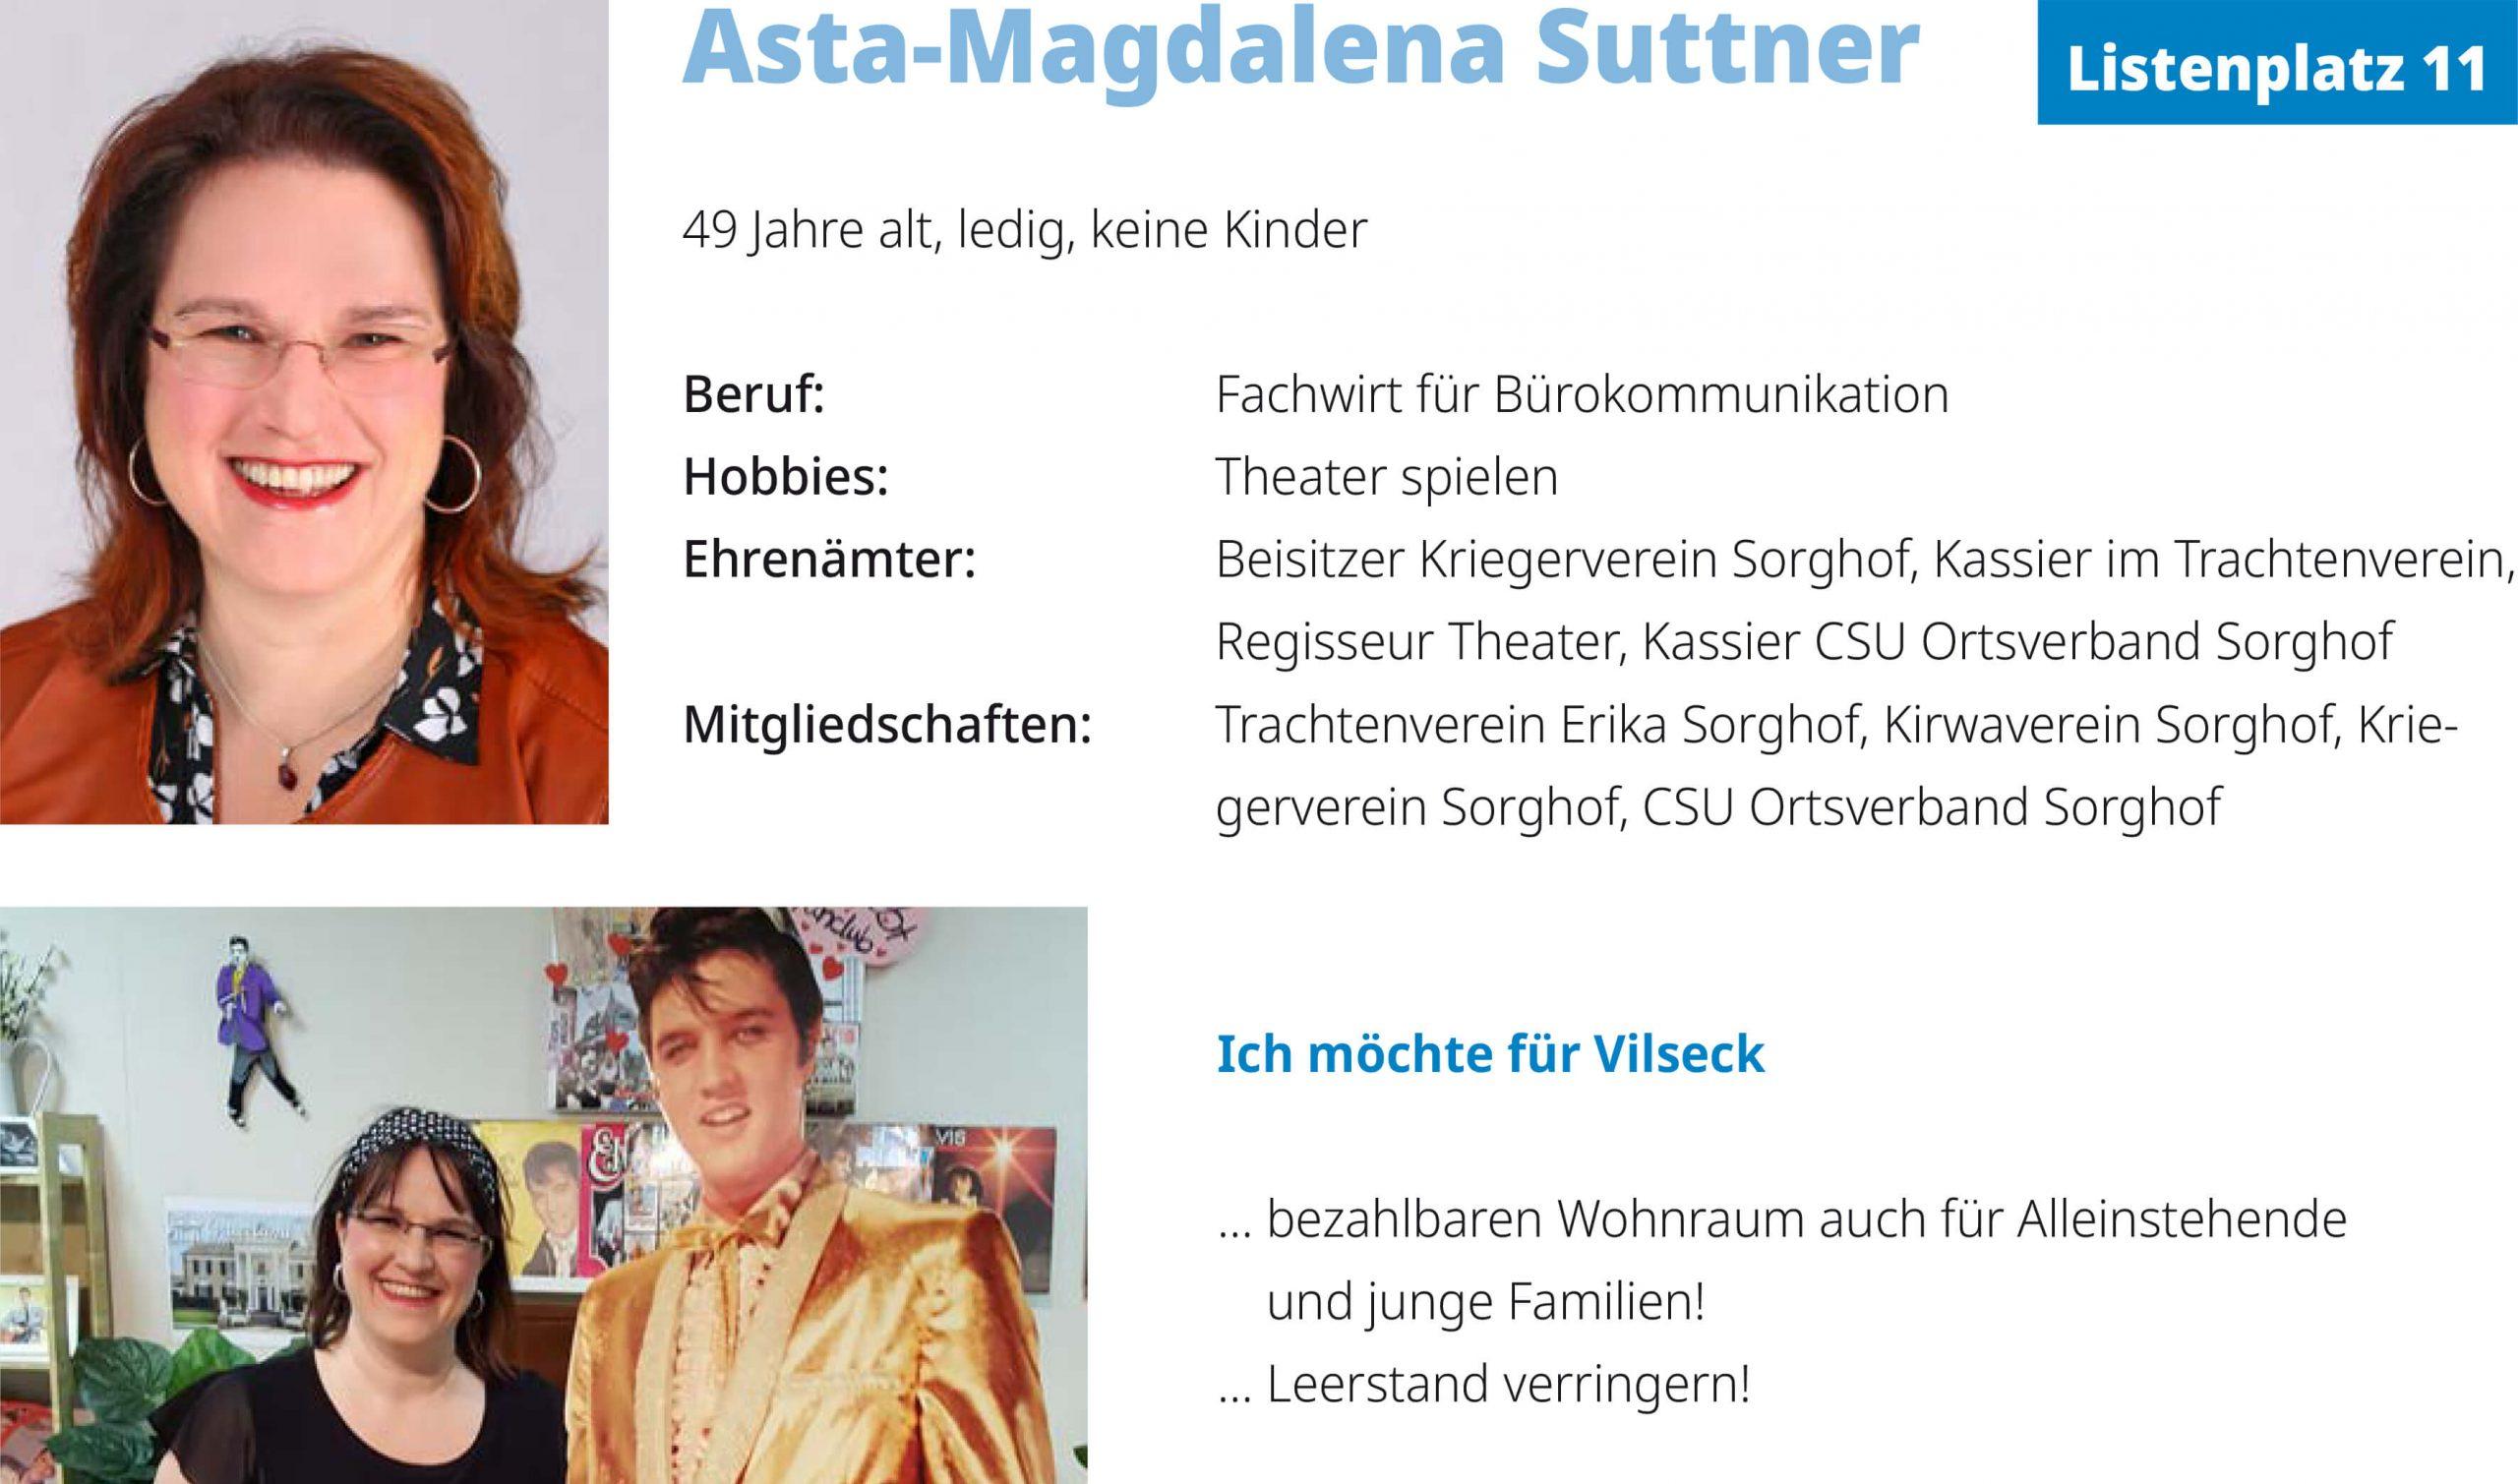 Asta-Magdalena Suttner